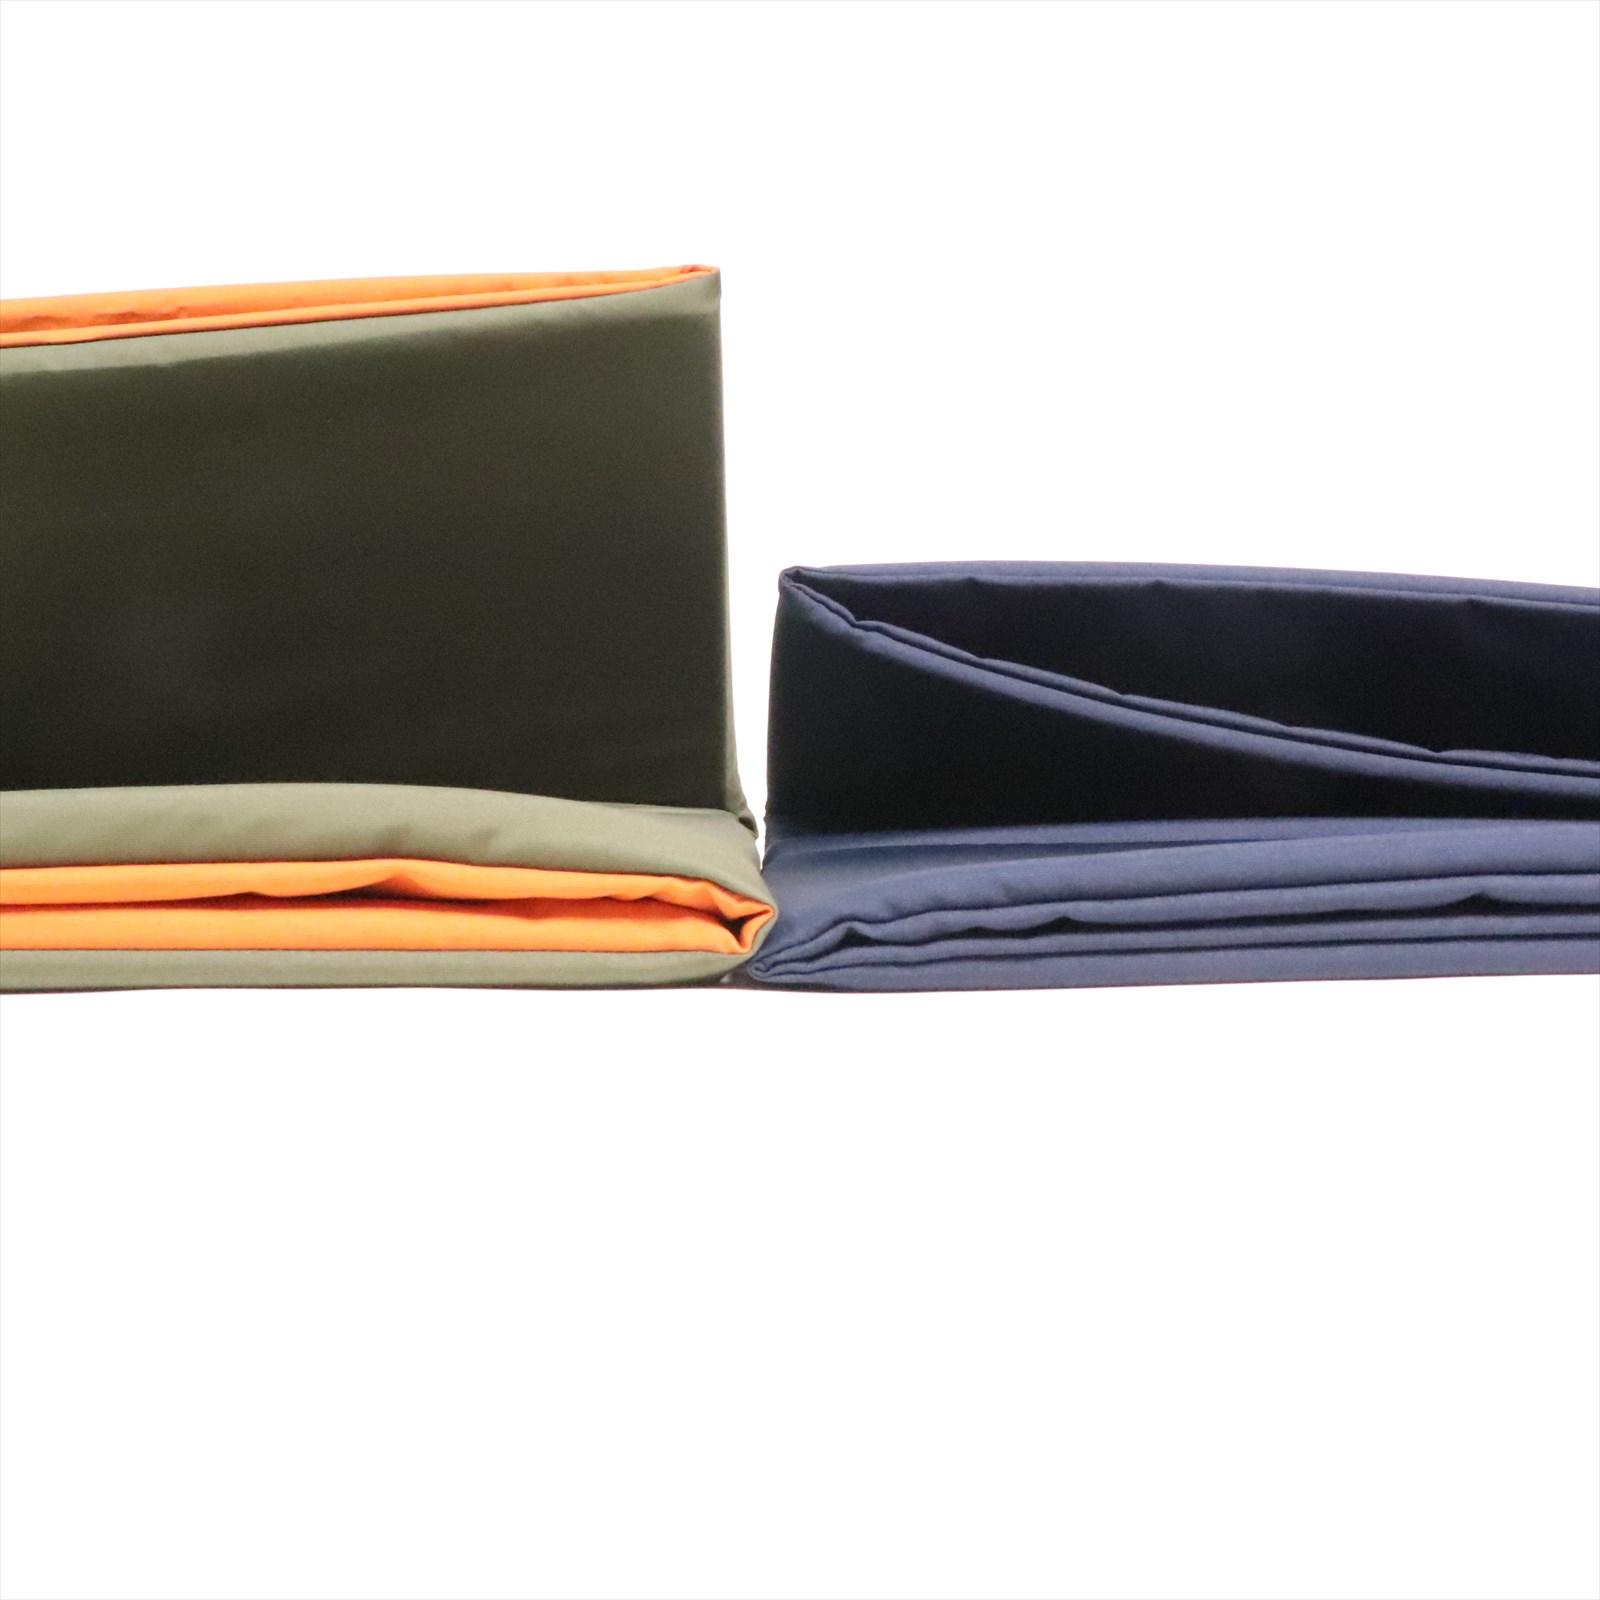 kazahana カザハナ finder pad double ファインダーパッド ダブル ダークカーキ×オレンジ  「店頭受取ポイントUP商品」ポイント700Pプレゼント